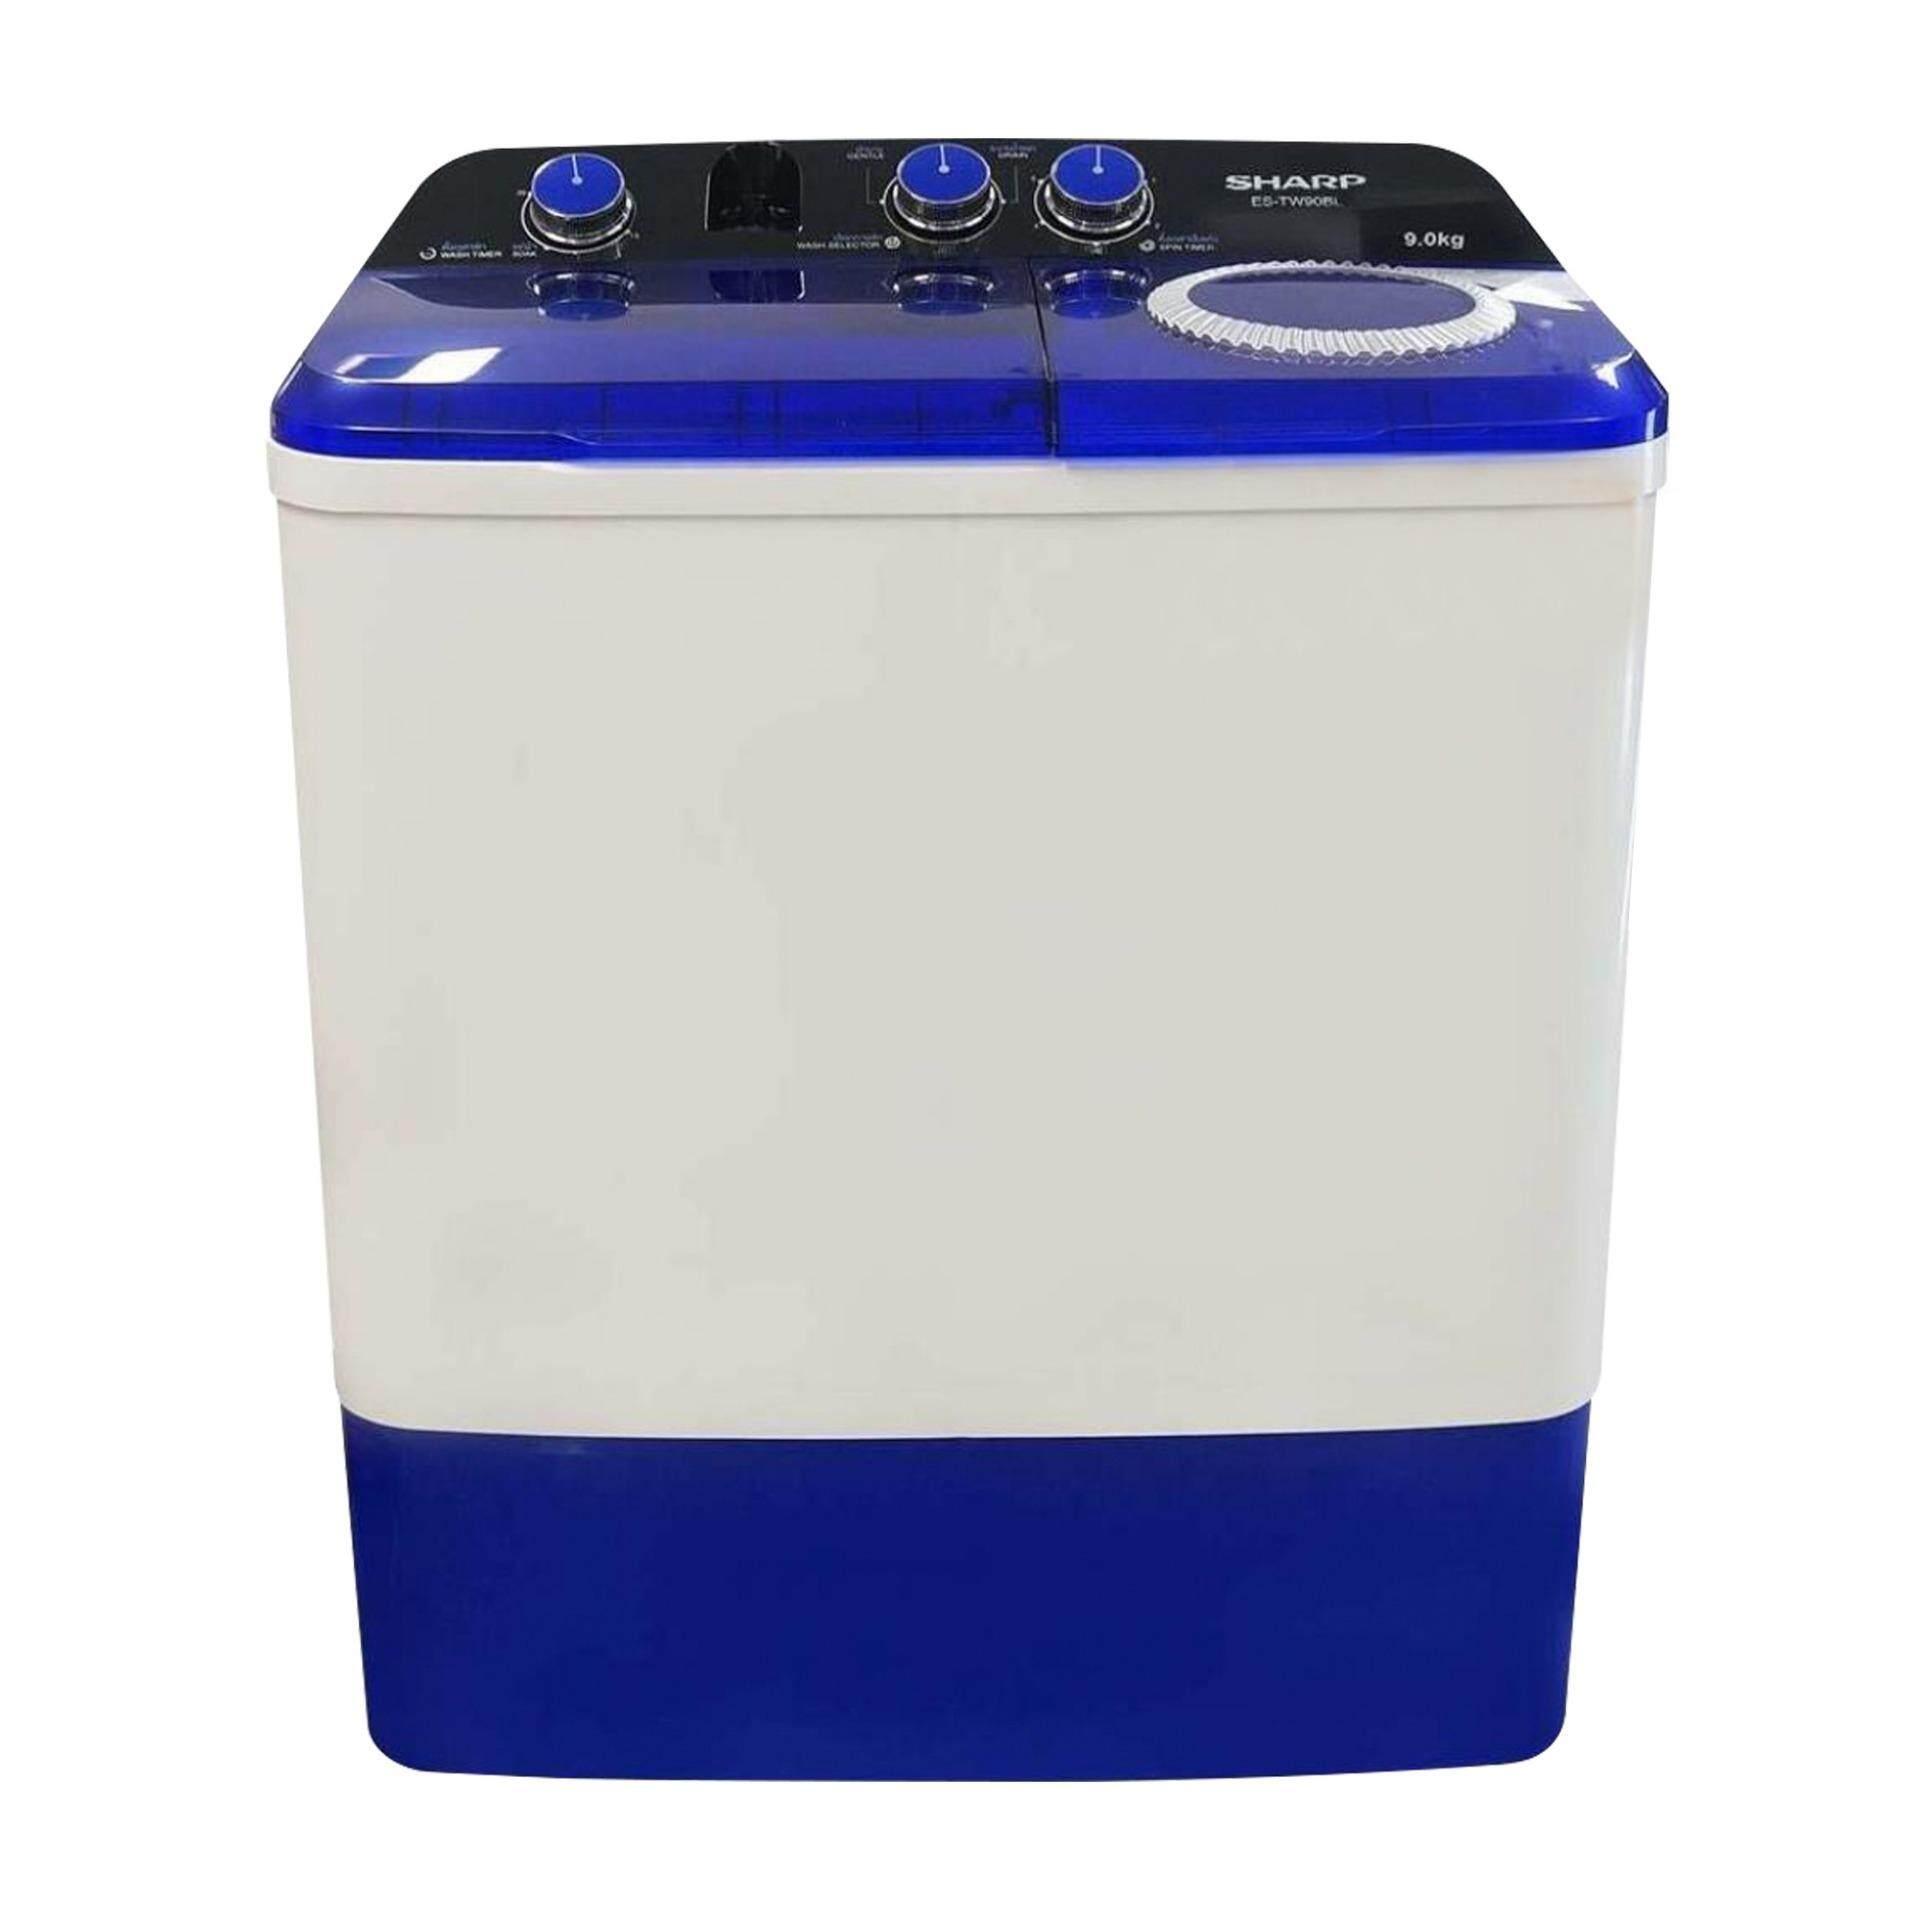 แนะนำ เครื่องซักผ้า Panasonic ลดราคา -26% Panasonic เครื่องซักผ้าถังเดี่ยวอัตโนมัติความจุ 10 กิโลกรัม รุ่น NA-F100B5 ของแท้ ส่งฟรี